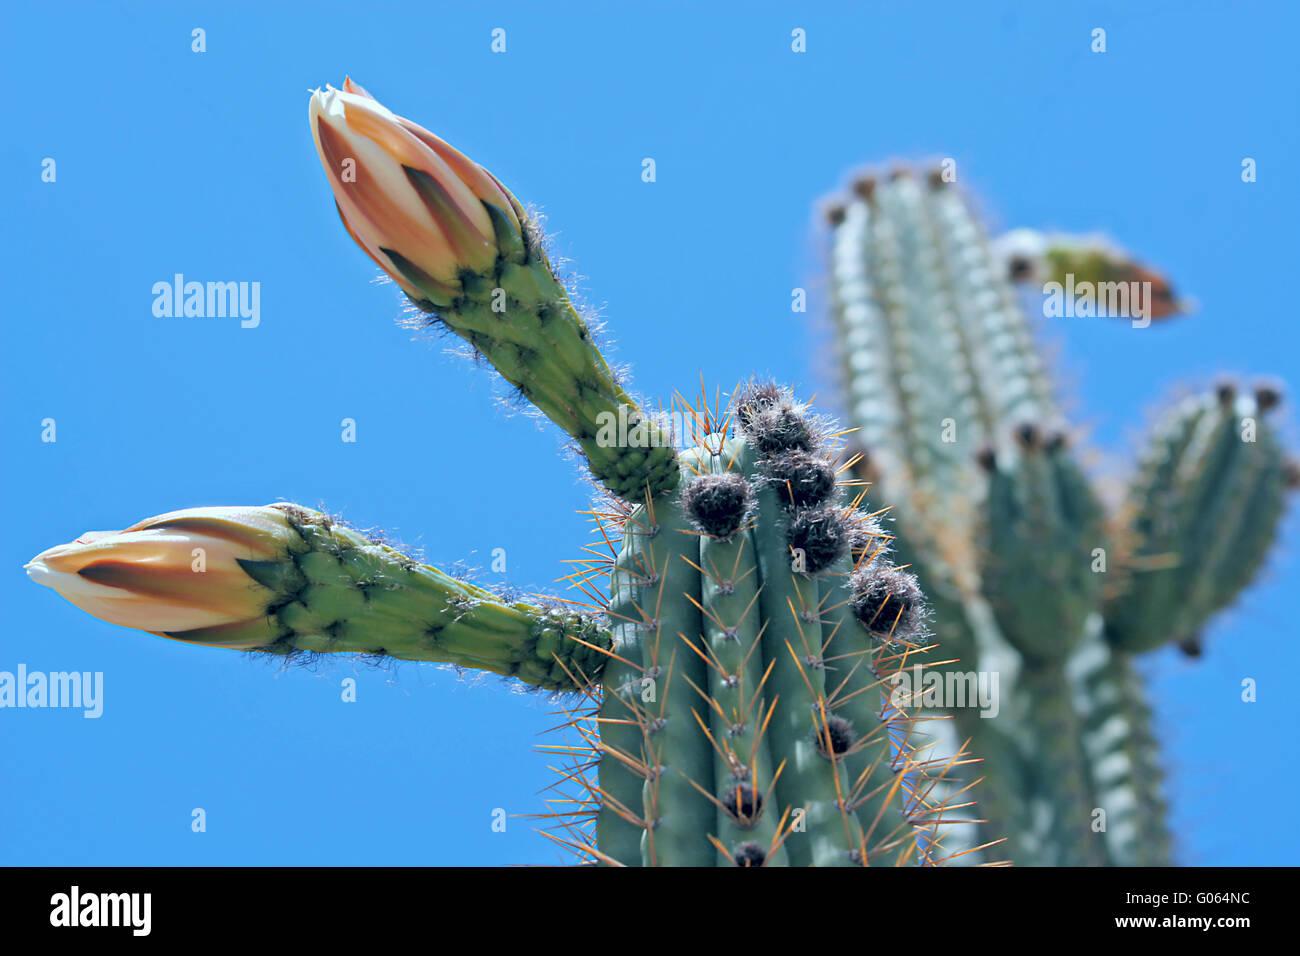 Cactus flourishes - Stock Image